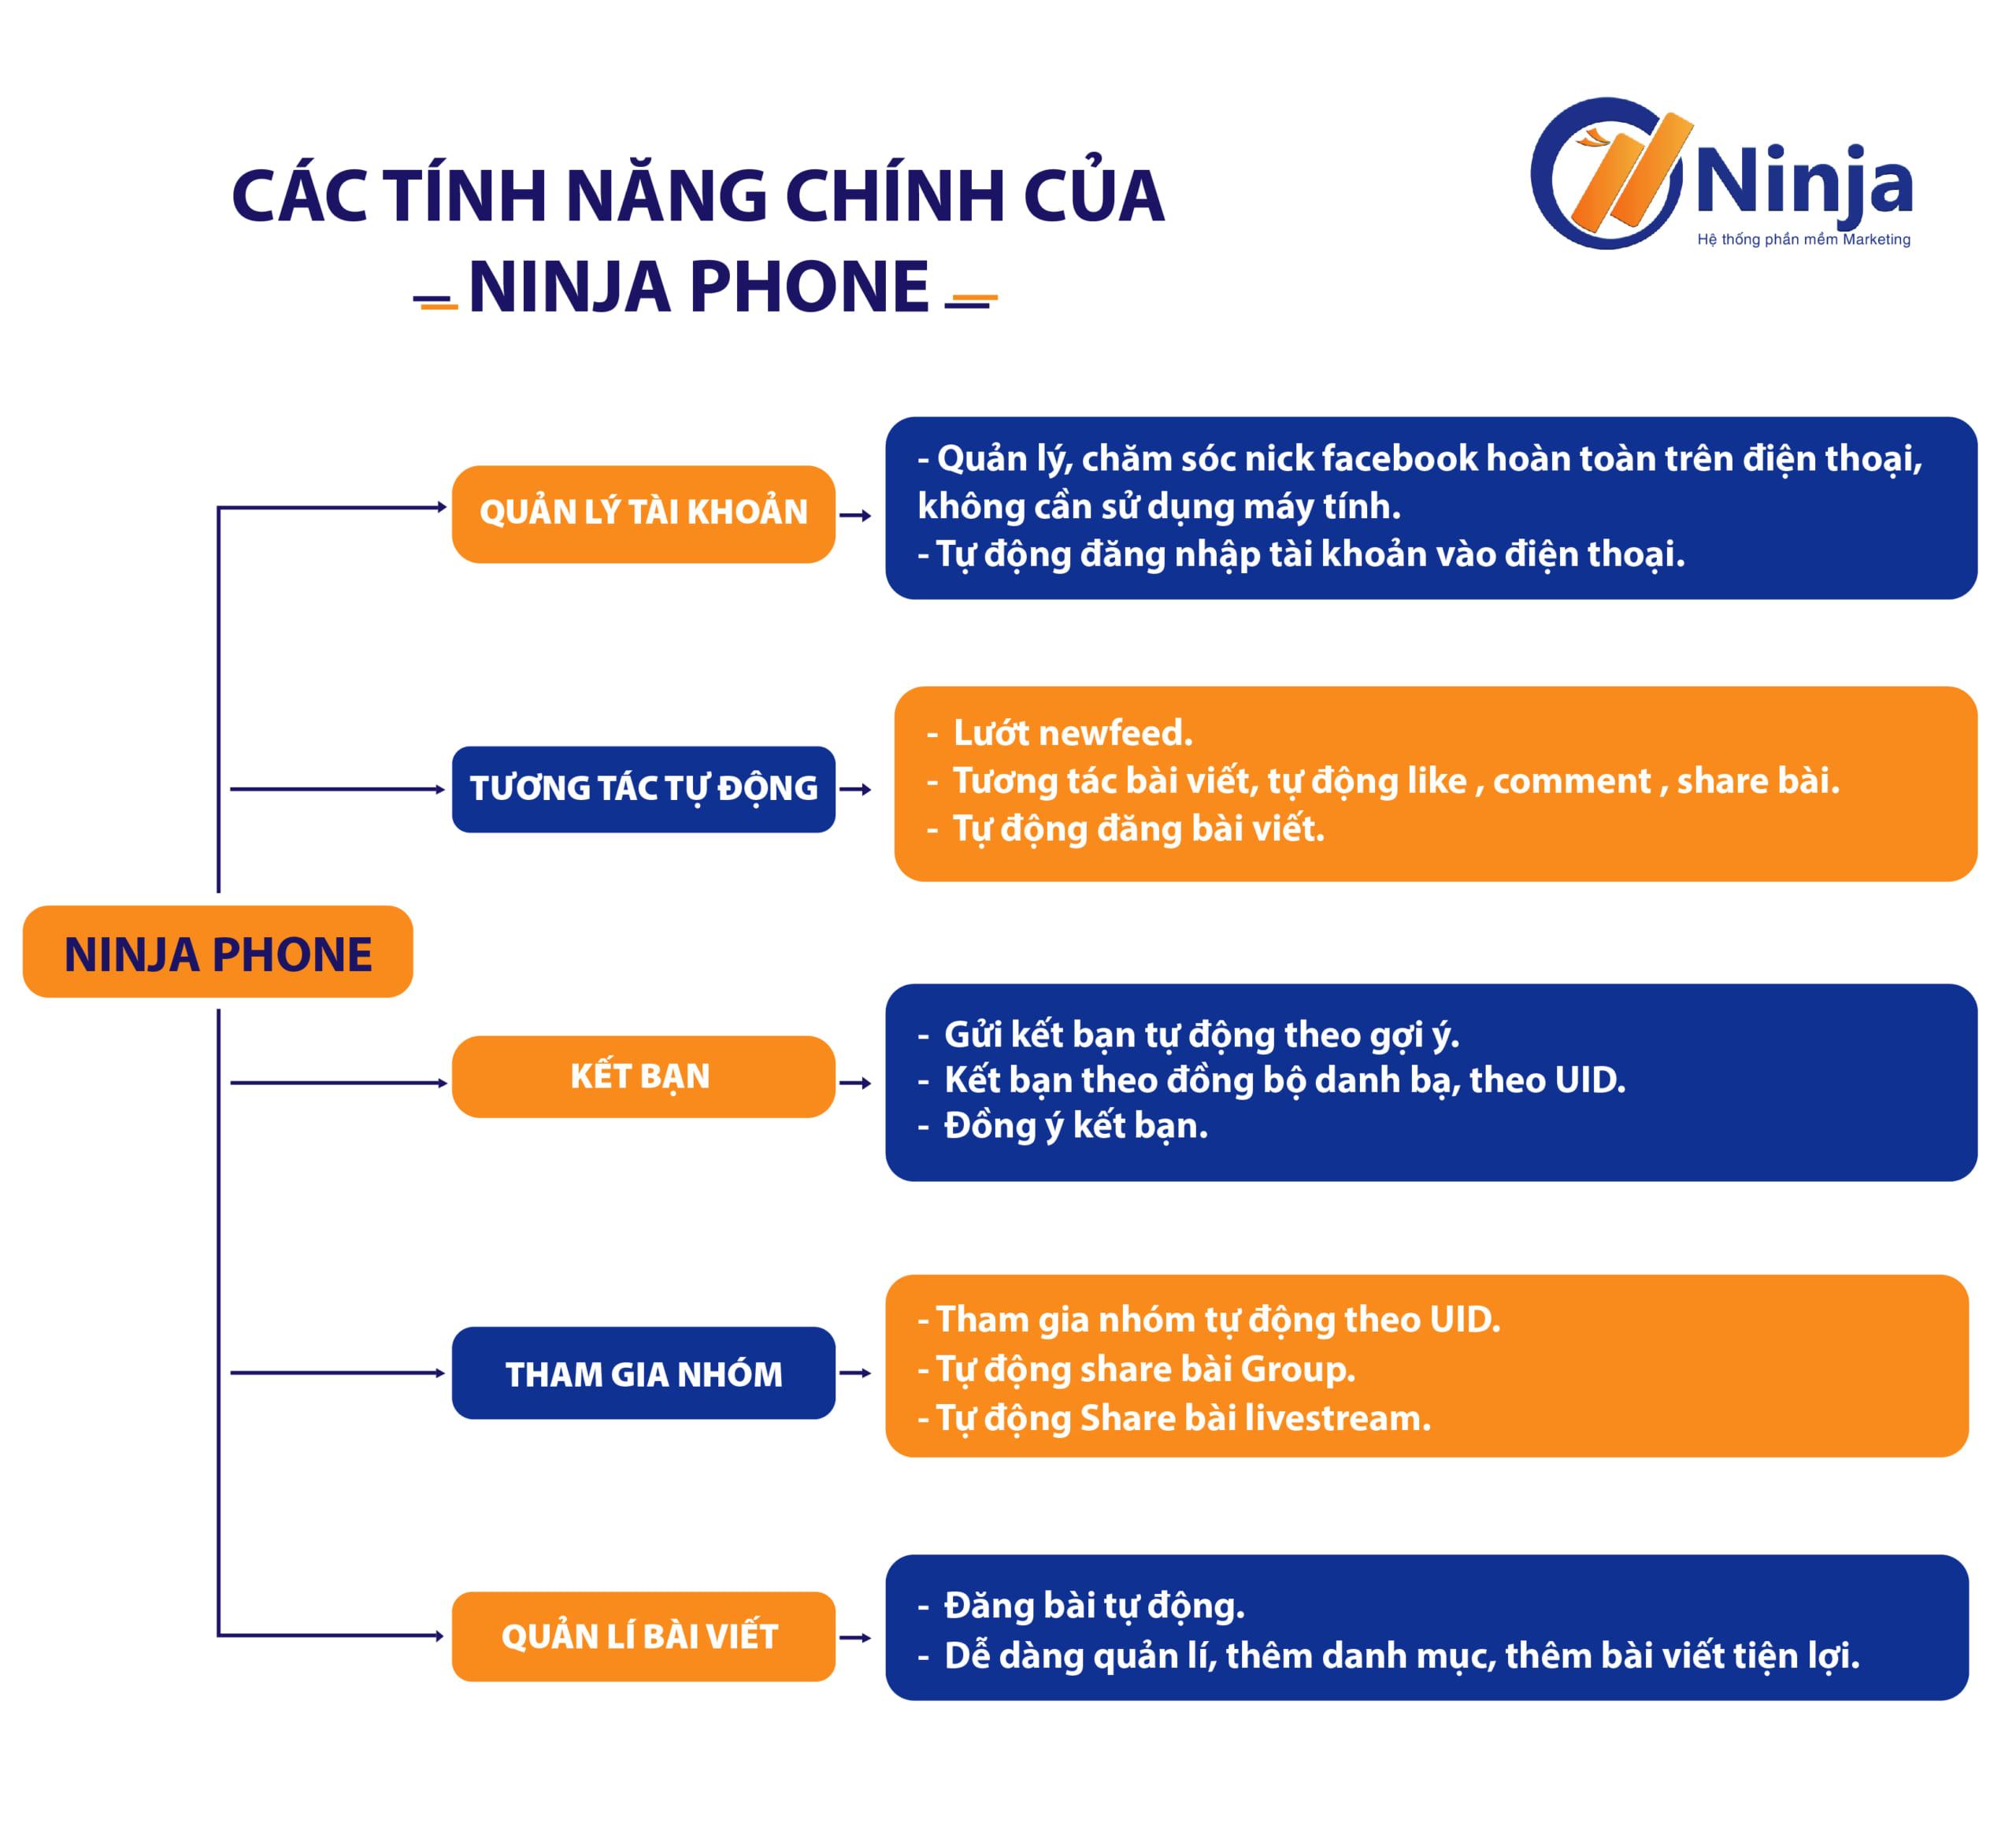 tính-năng-ninja-phone